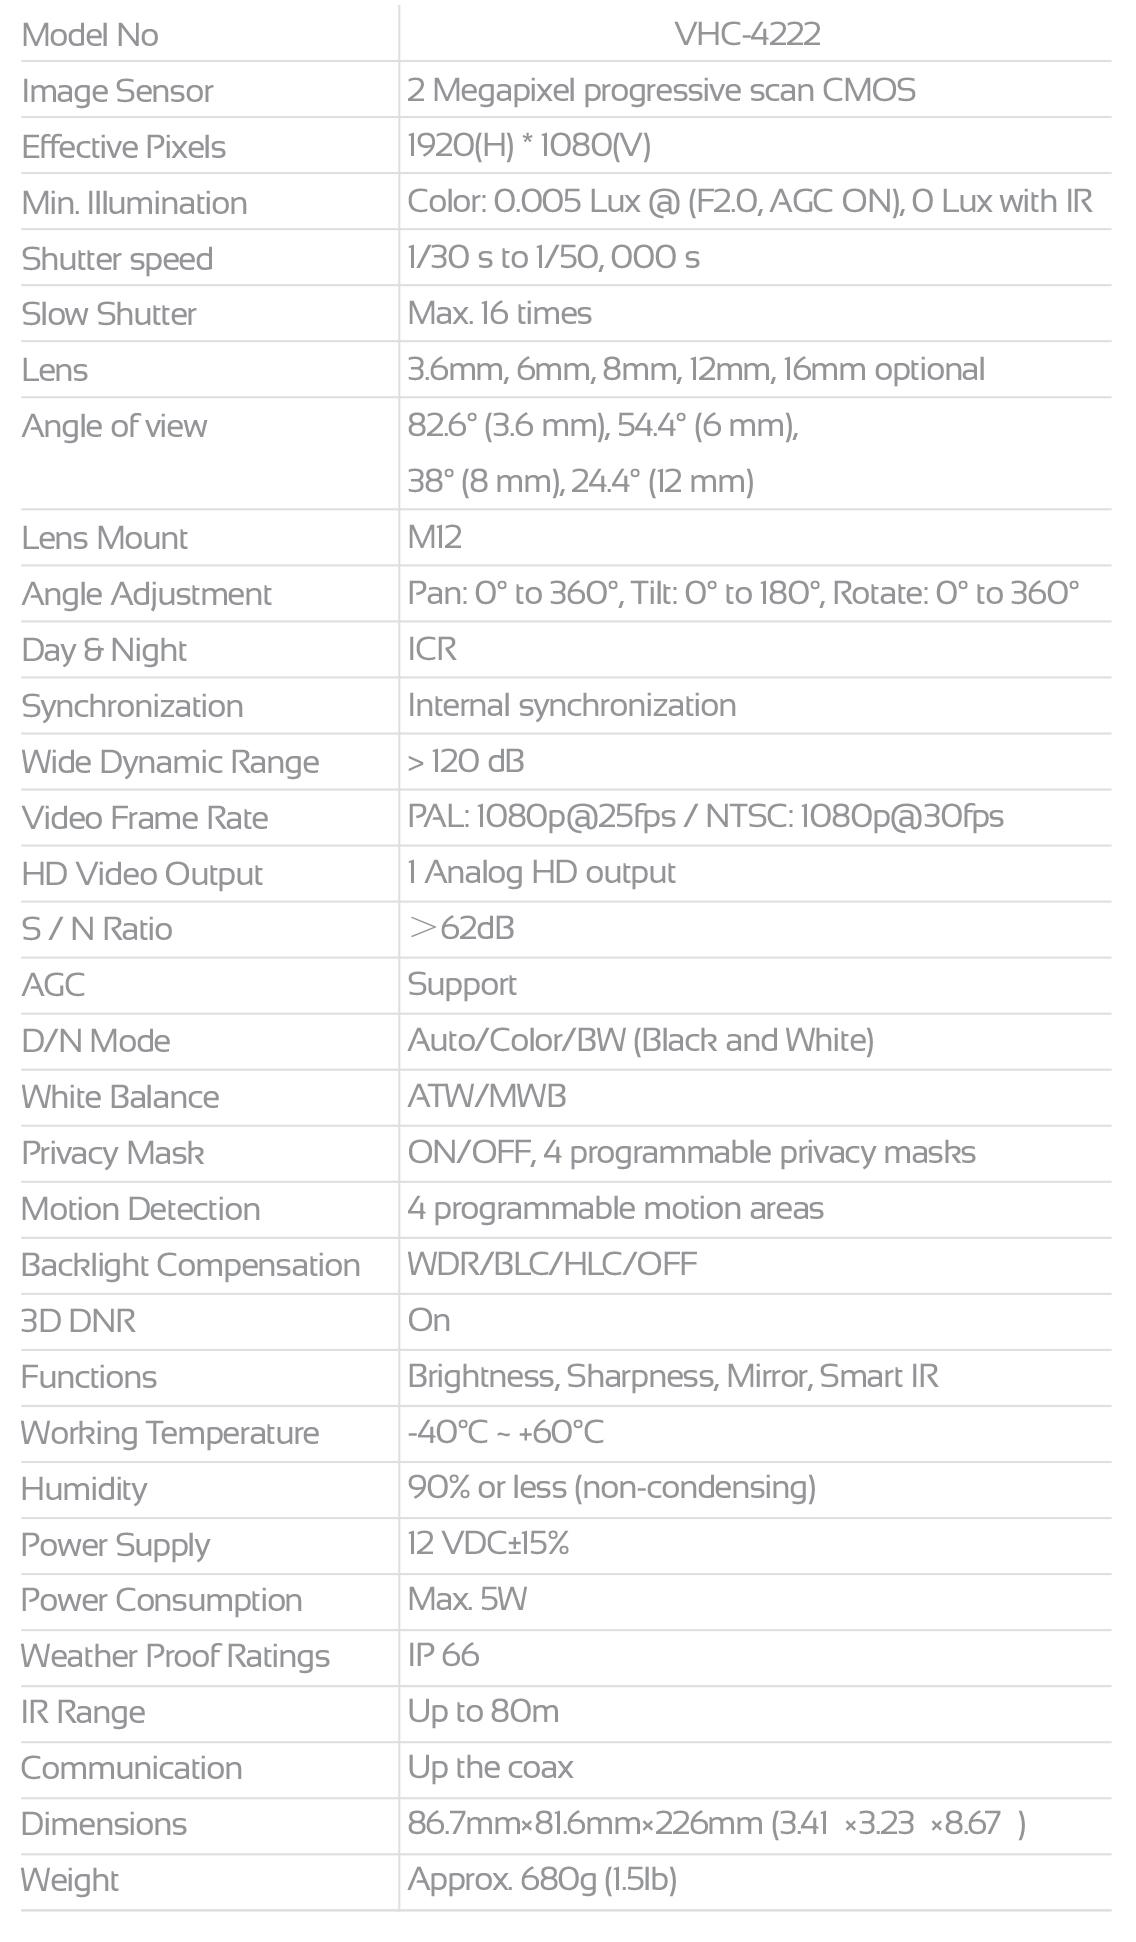 VERTINA-VHC-4222-Data VHC-4222